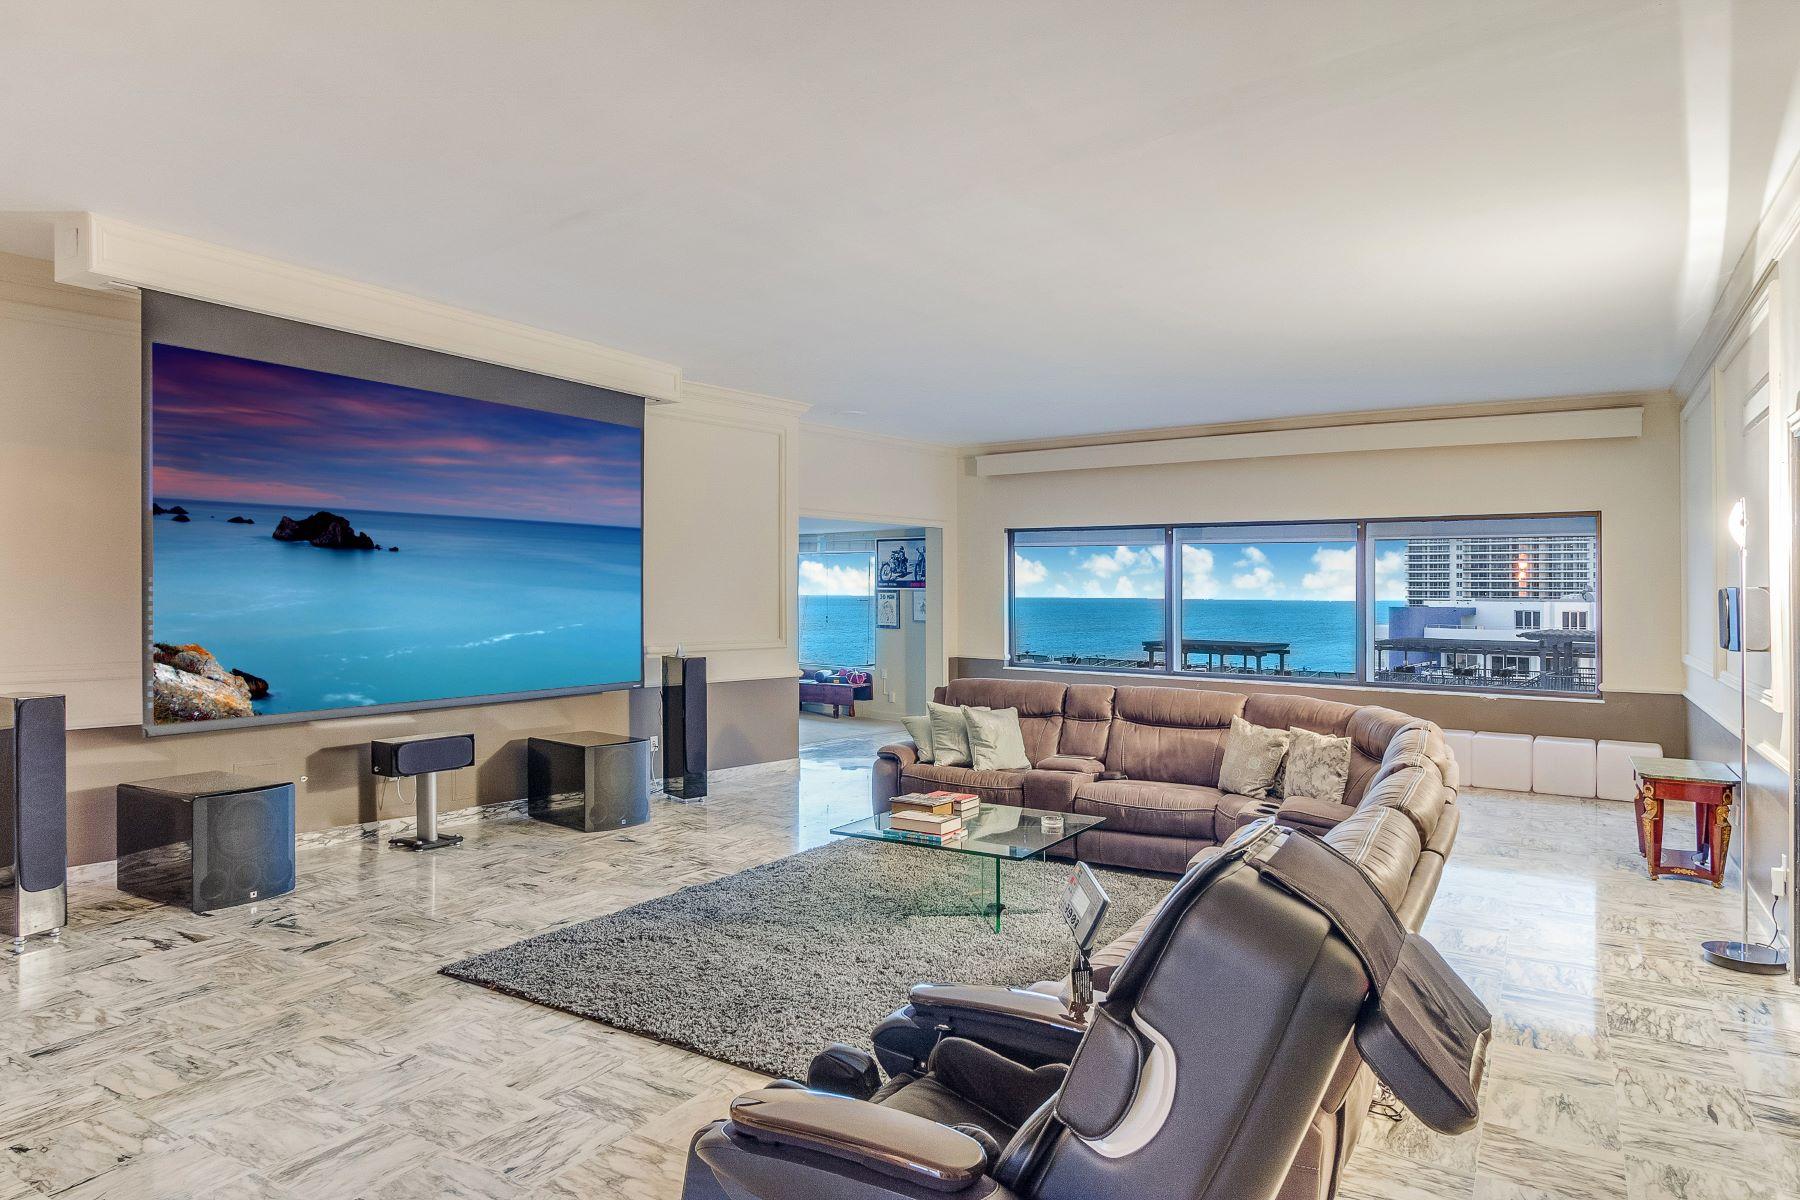 可出租的物业 迈阿密海滩